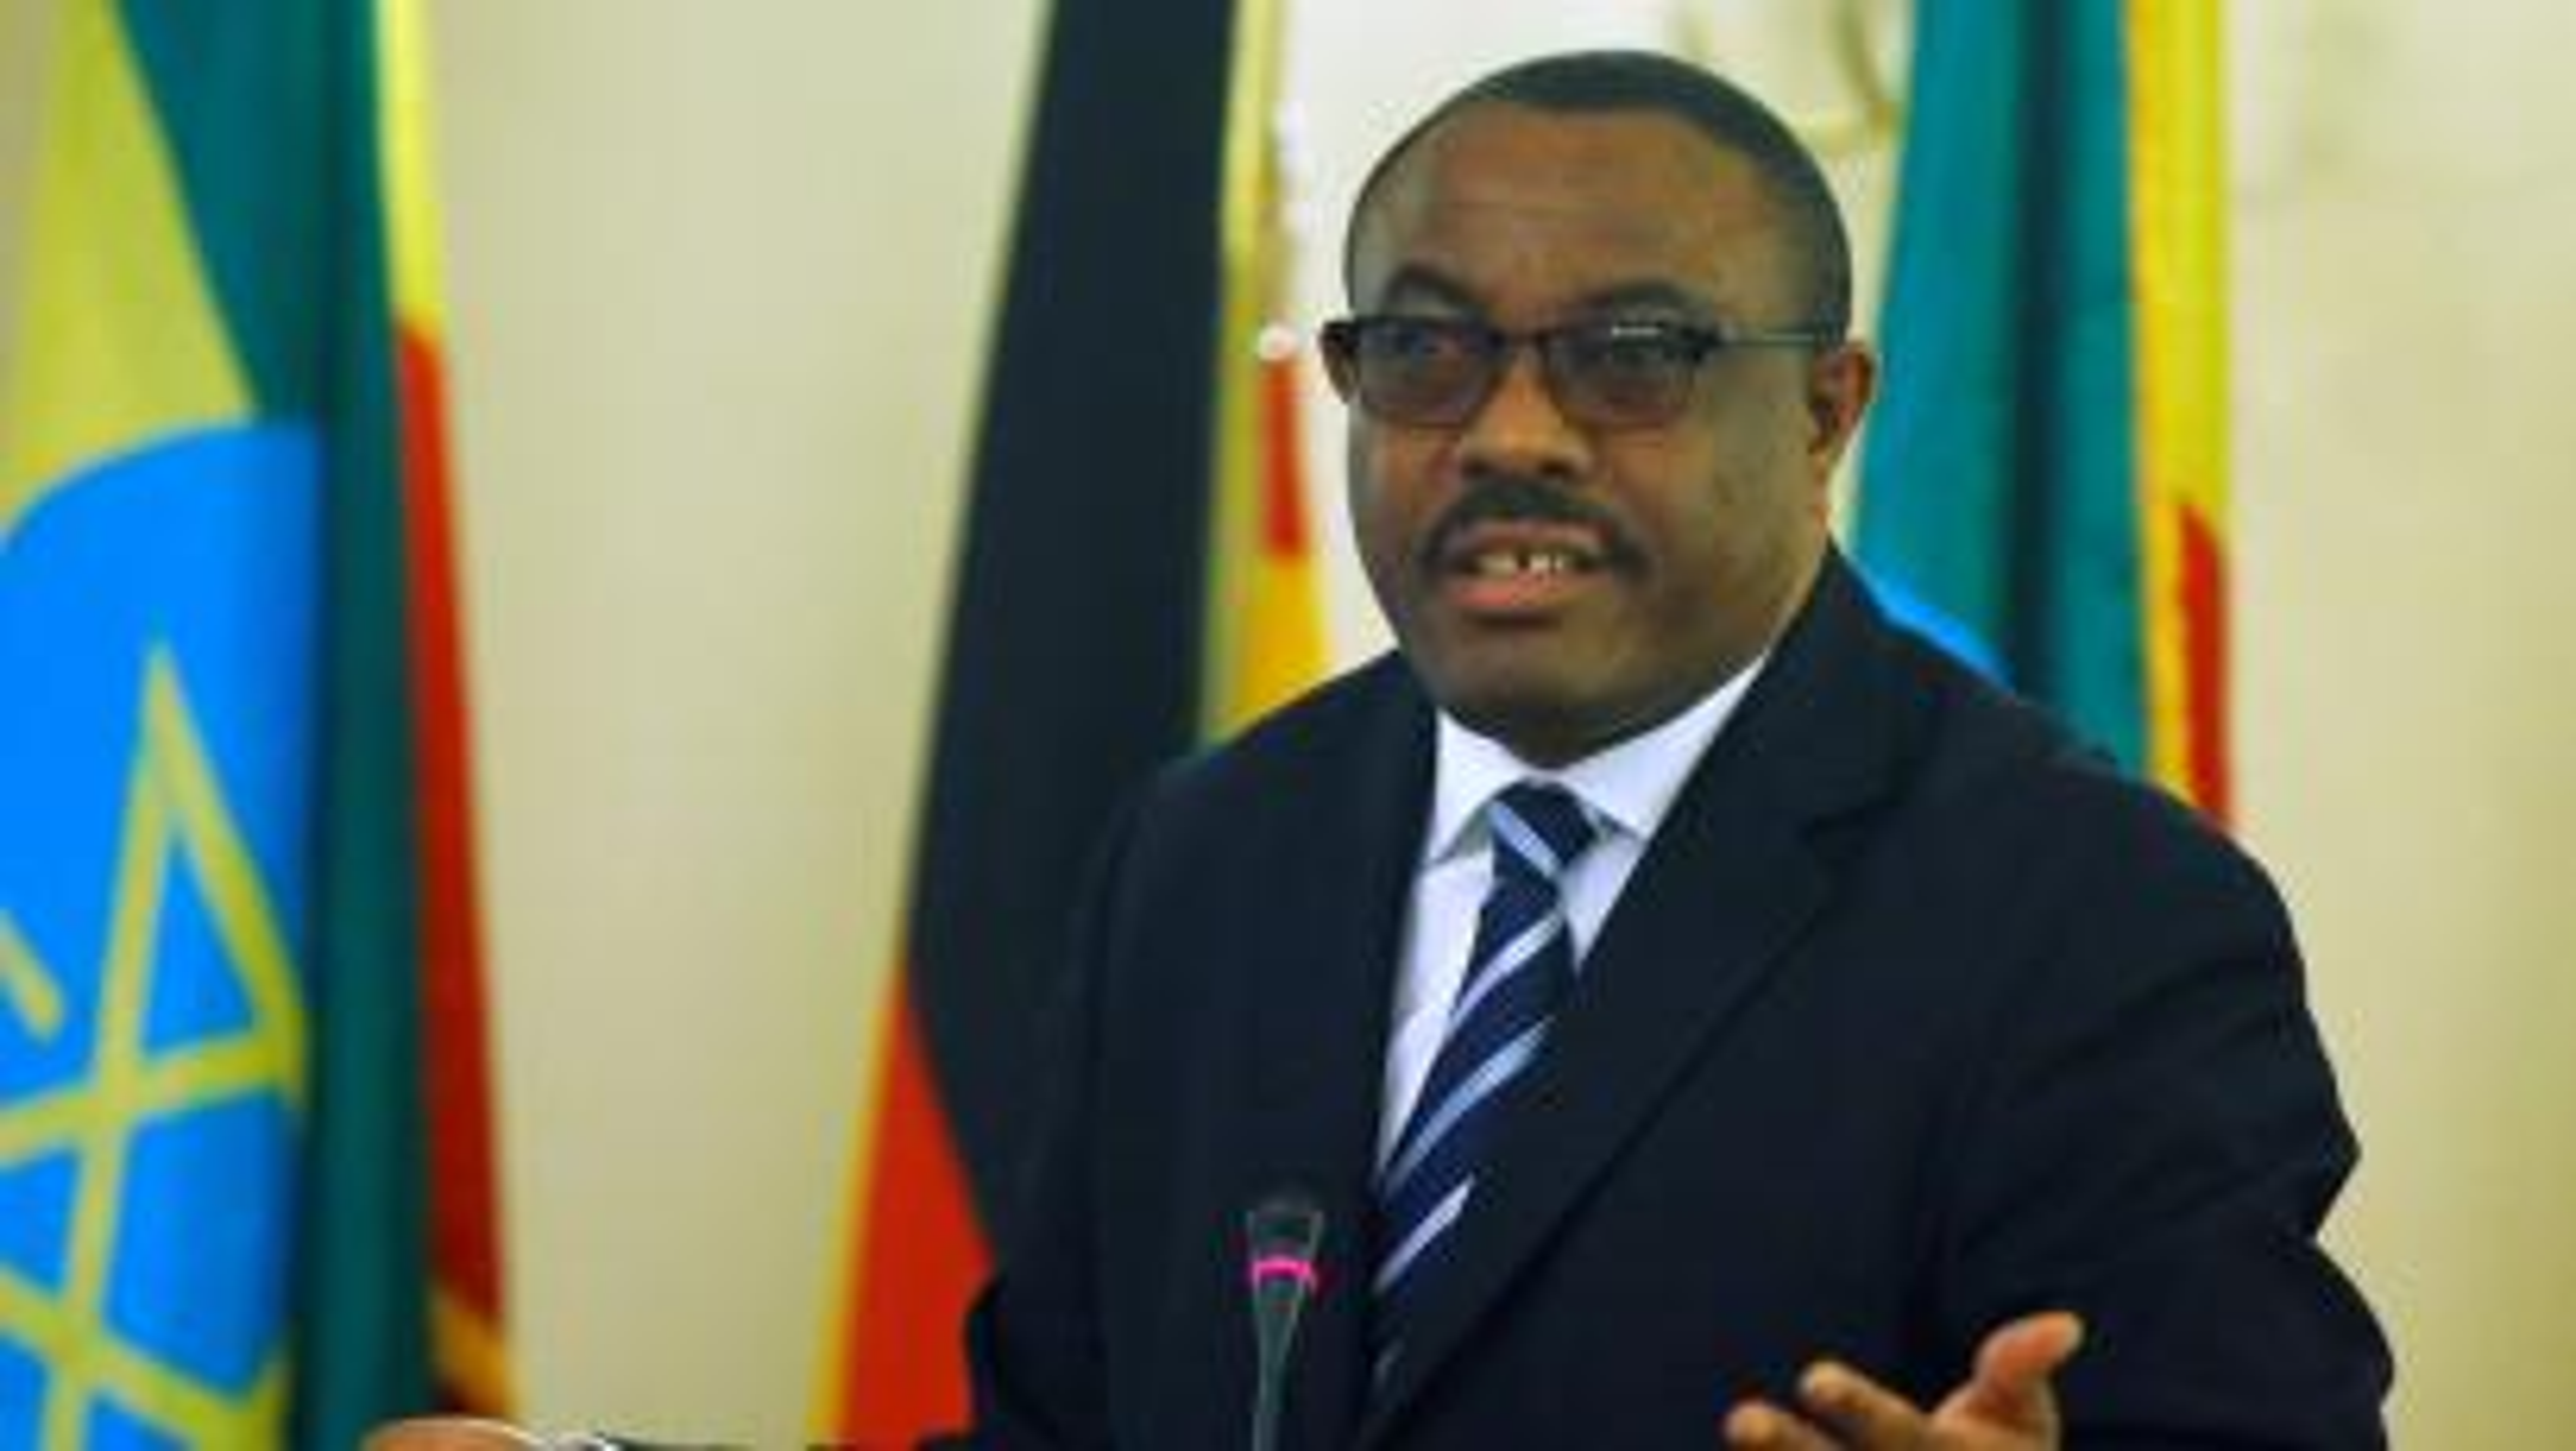 Ethiopia's prime minister Hailemariam Desalegn has resigned — Quartz Africa